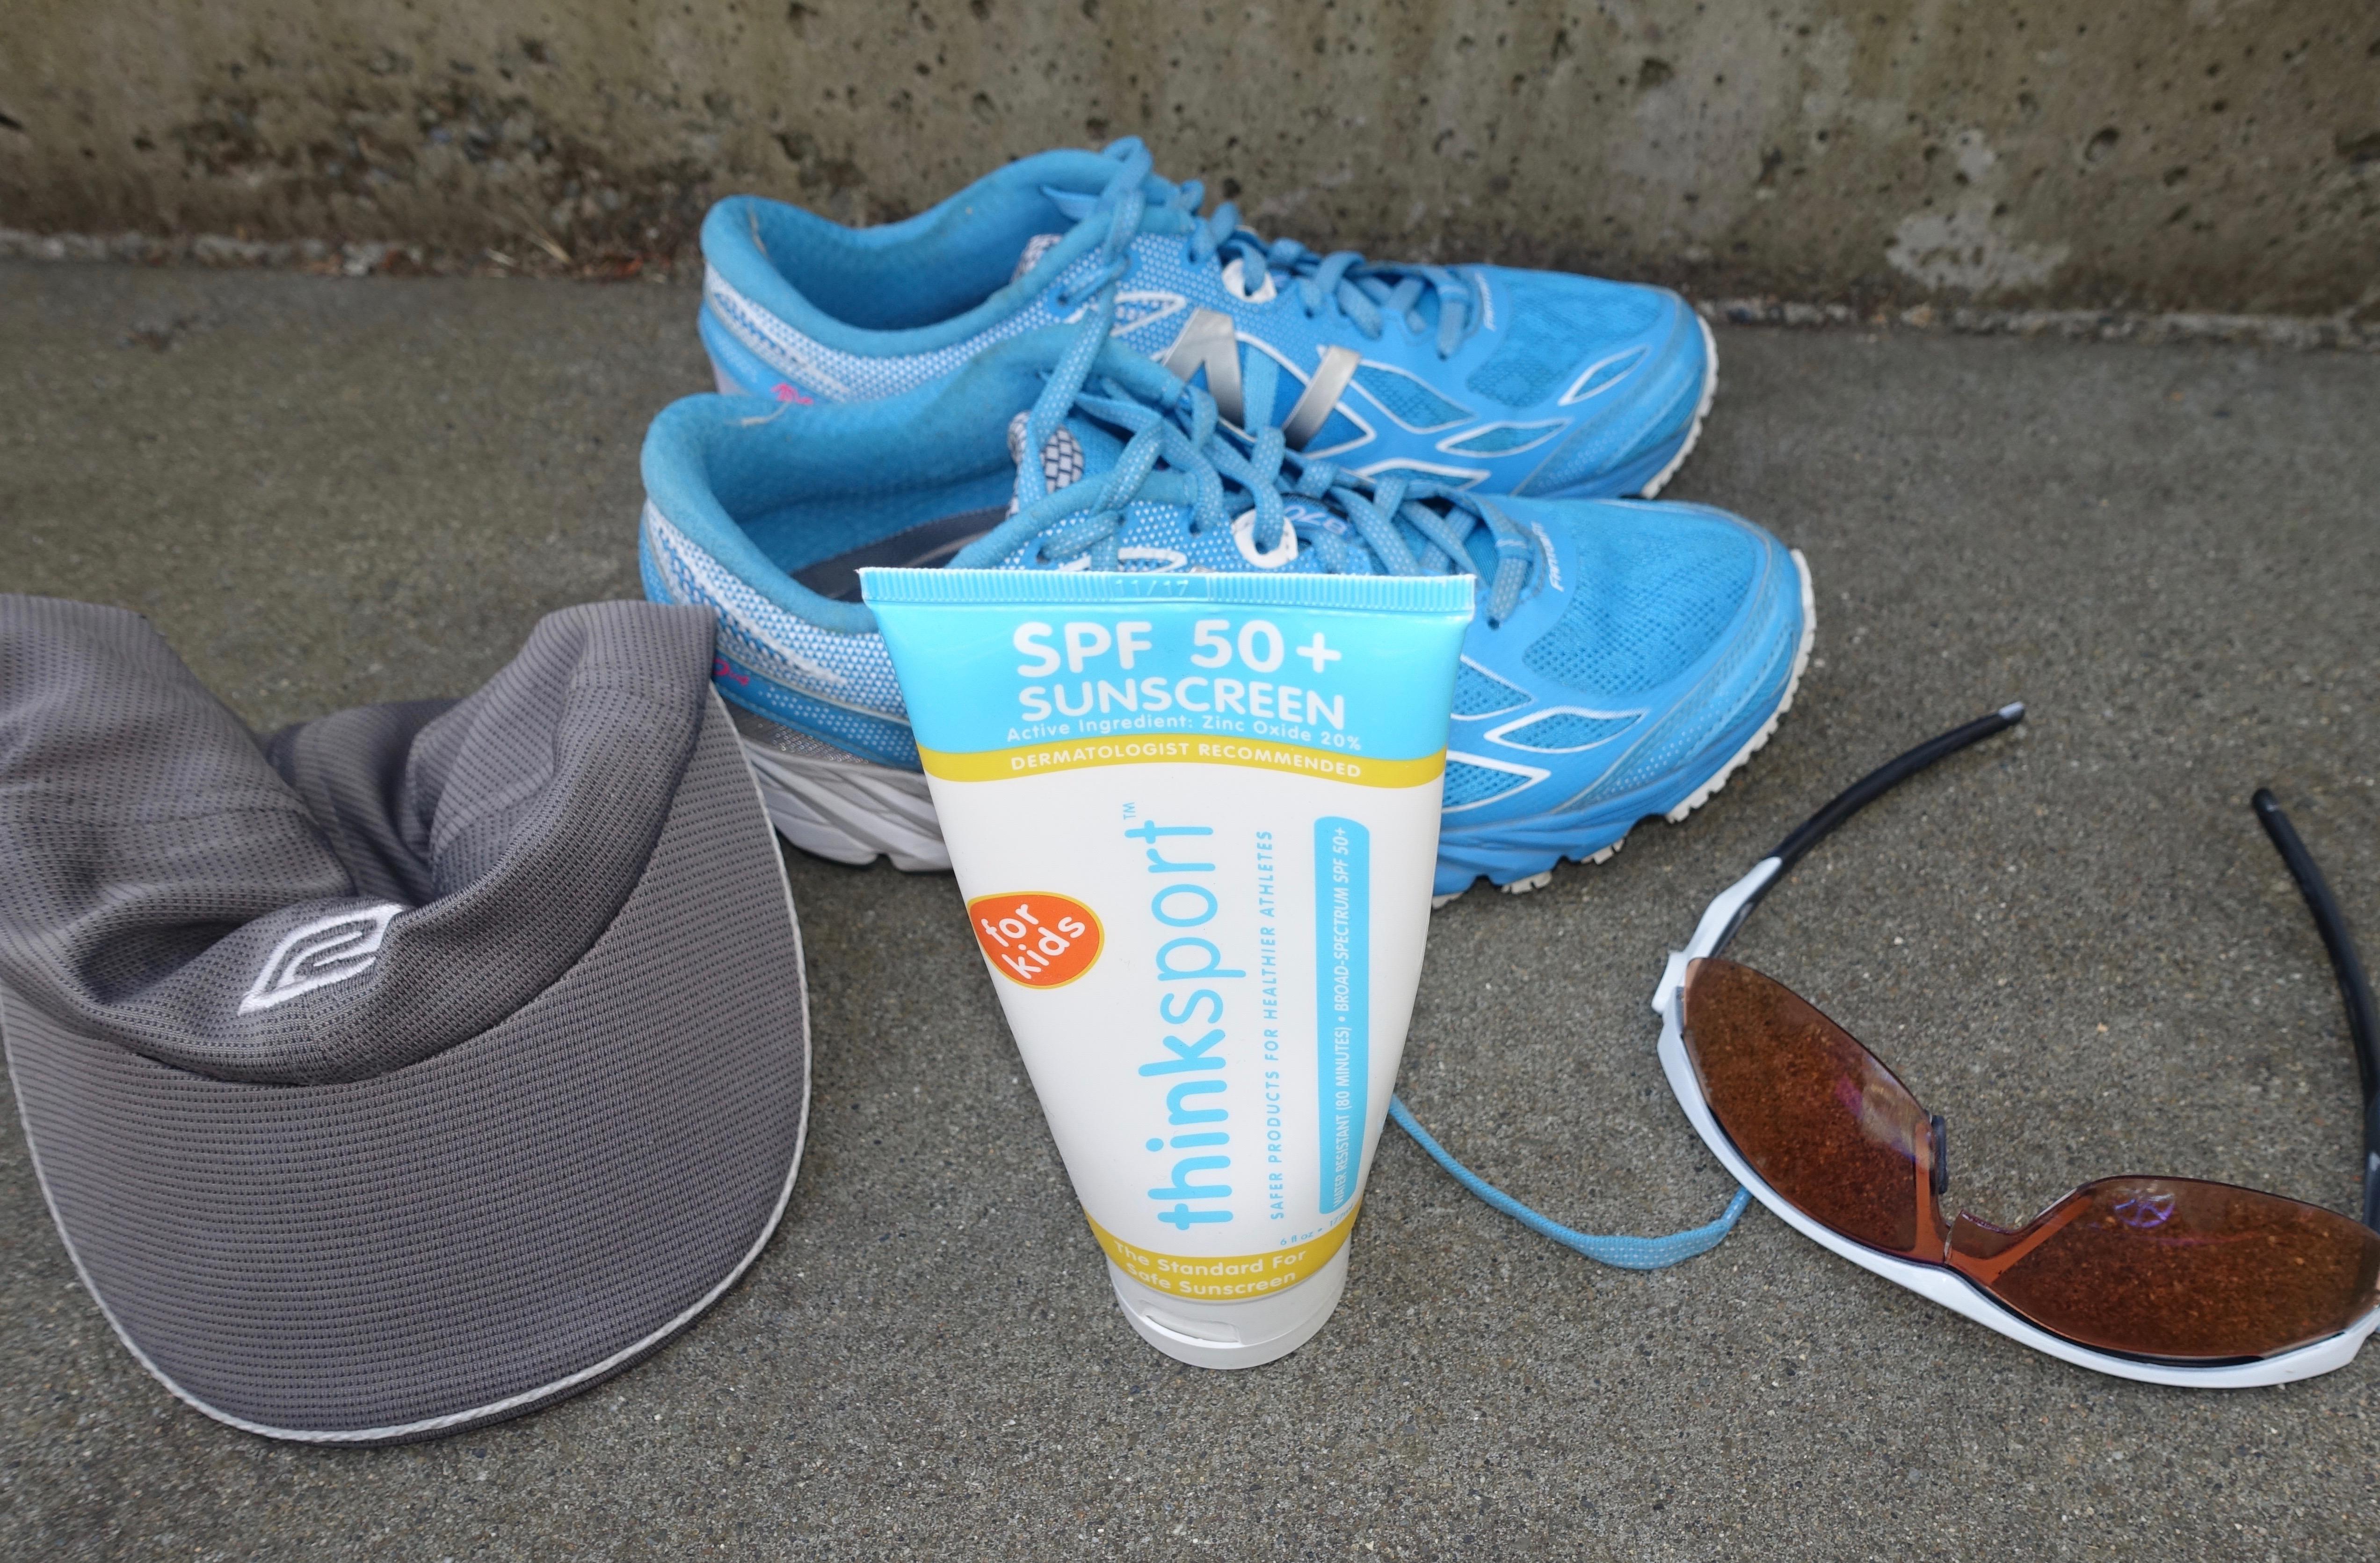 sunscreen-for-running-body